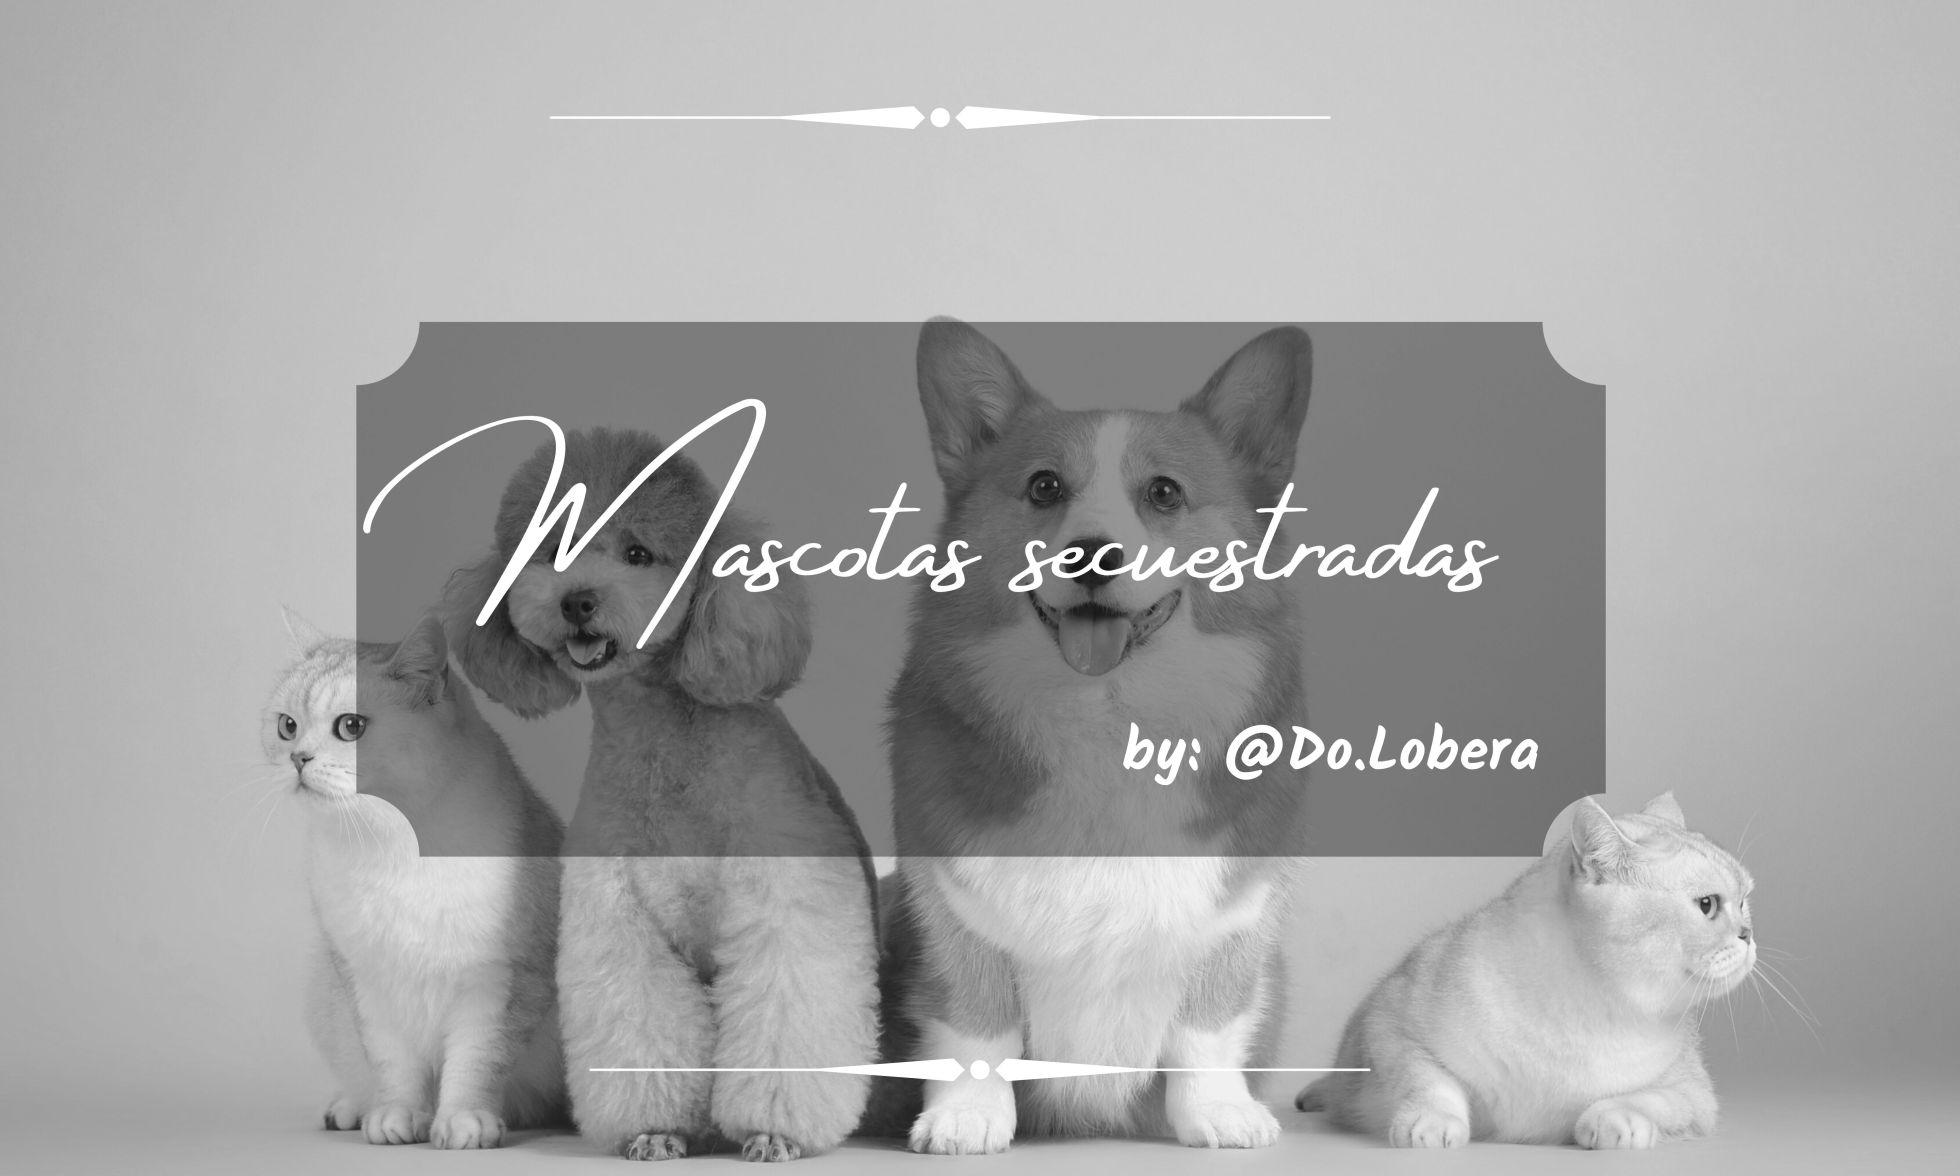 Mascotas secuestradas - By Do.lobera